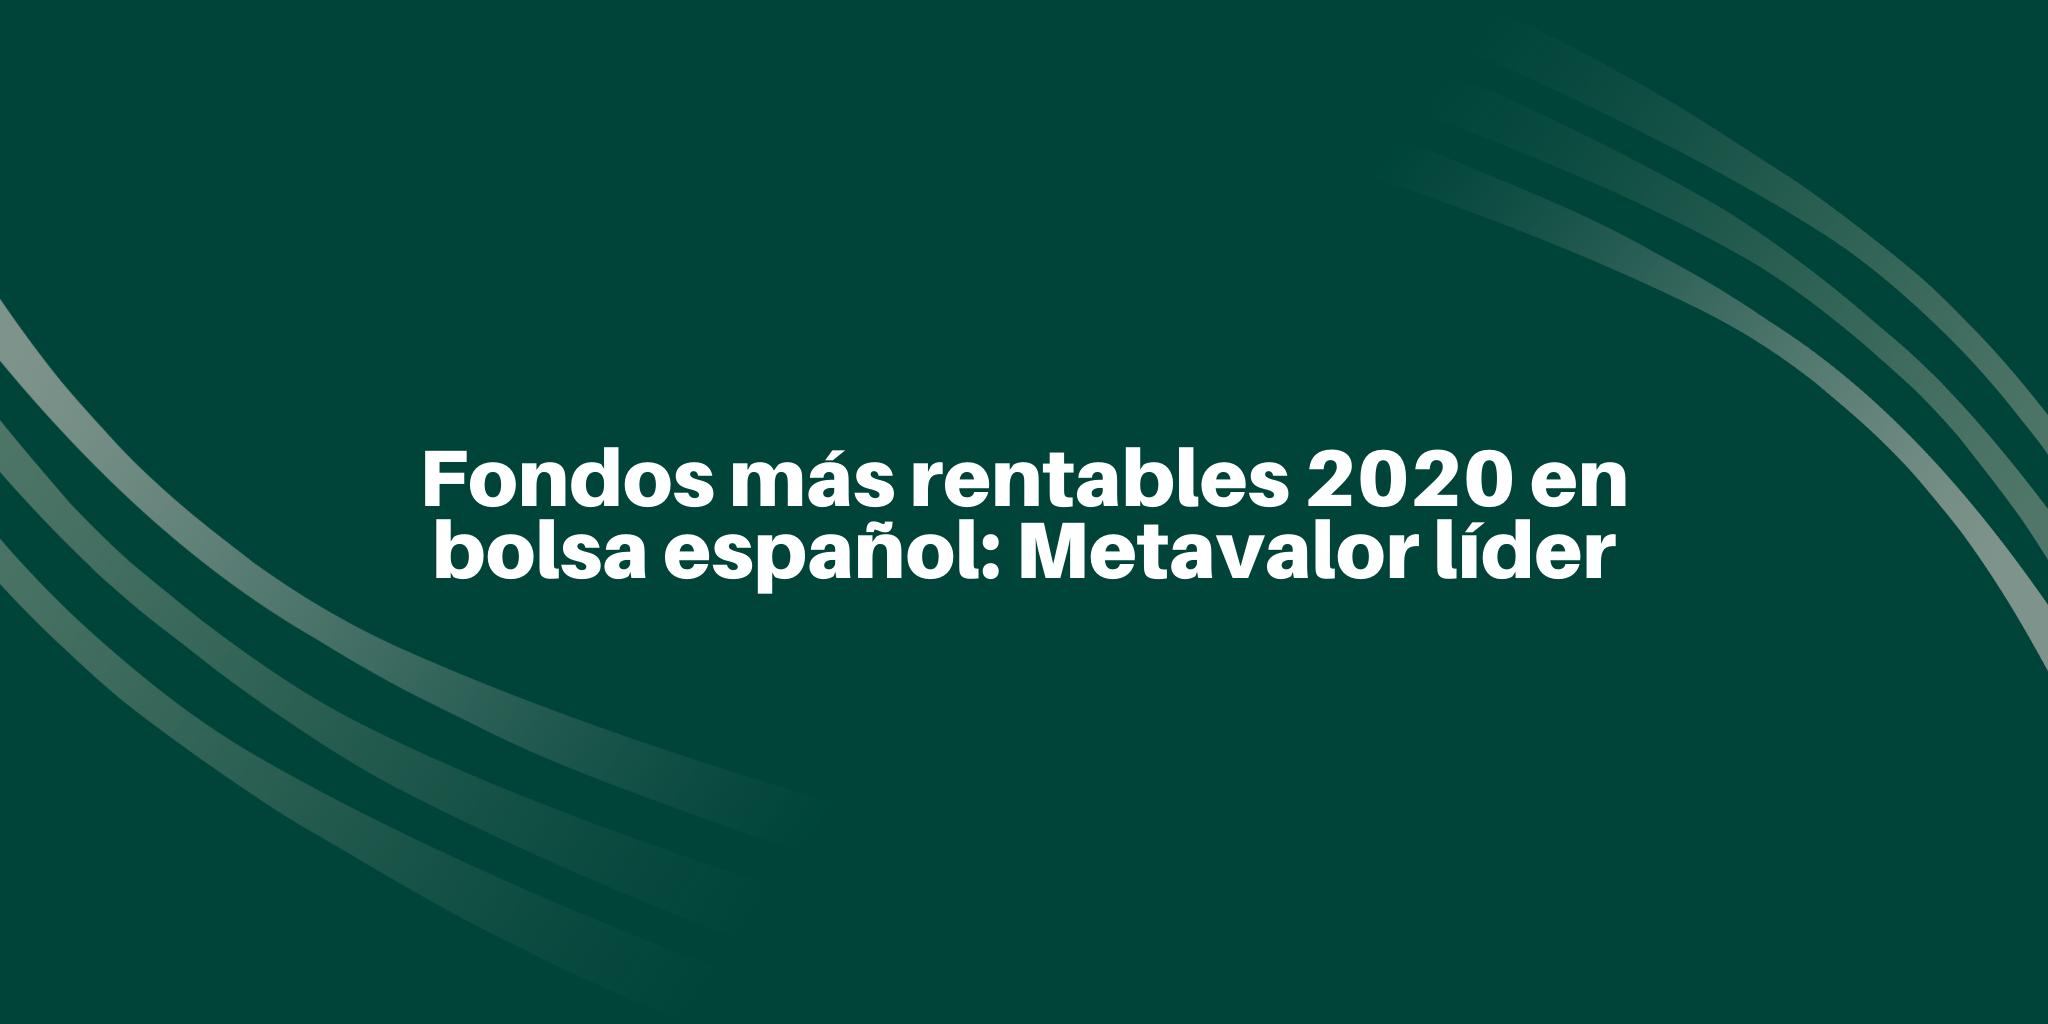 Fondos más rentables 2020 en bolsa español: Metavalor líder